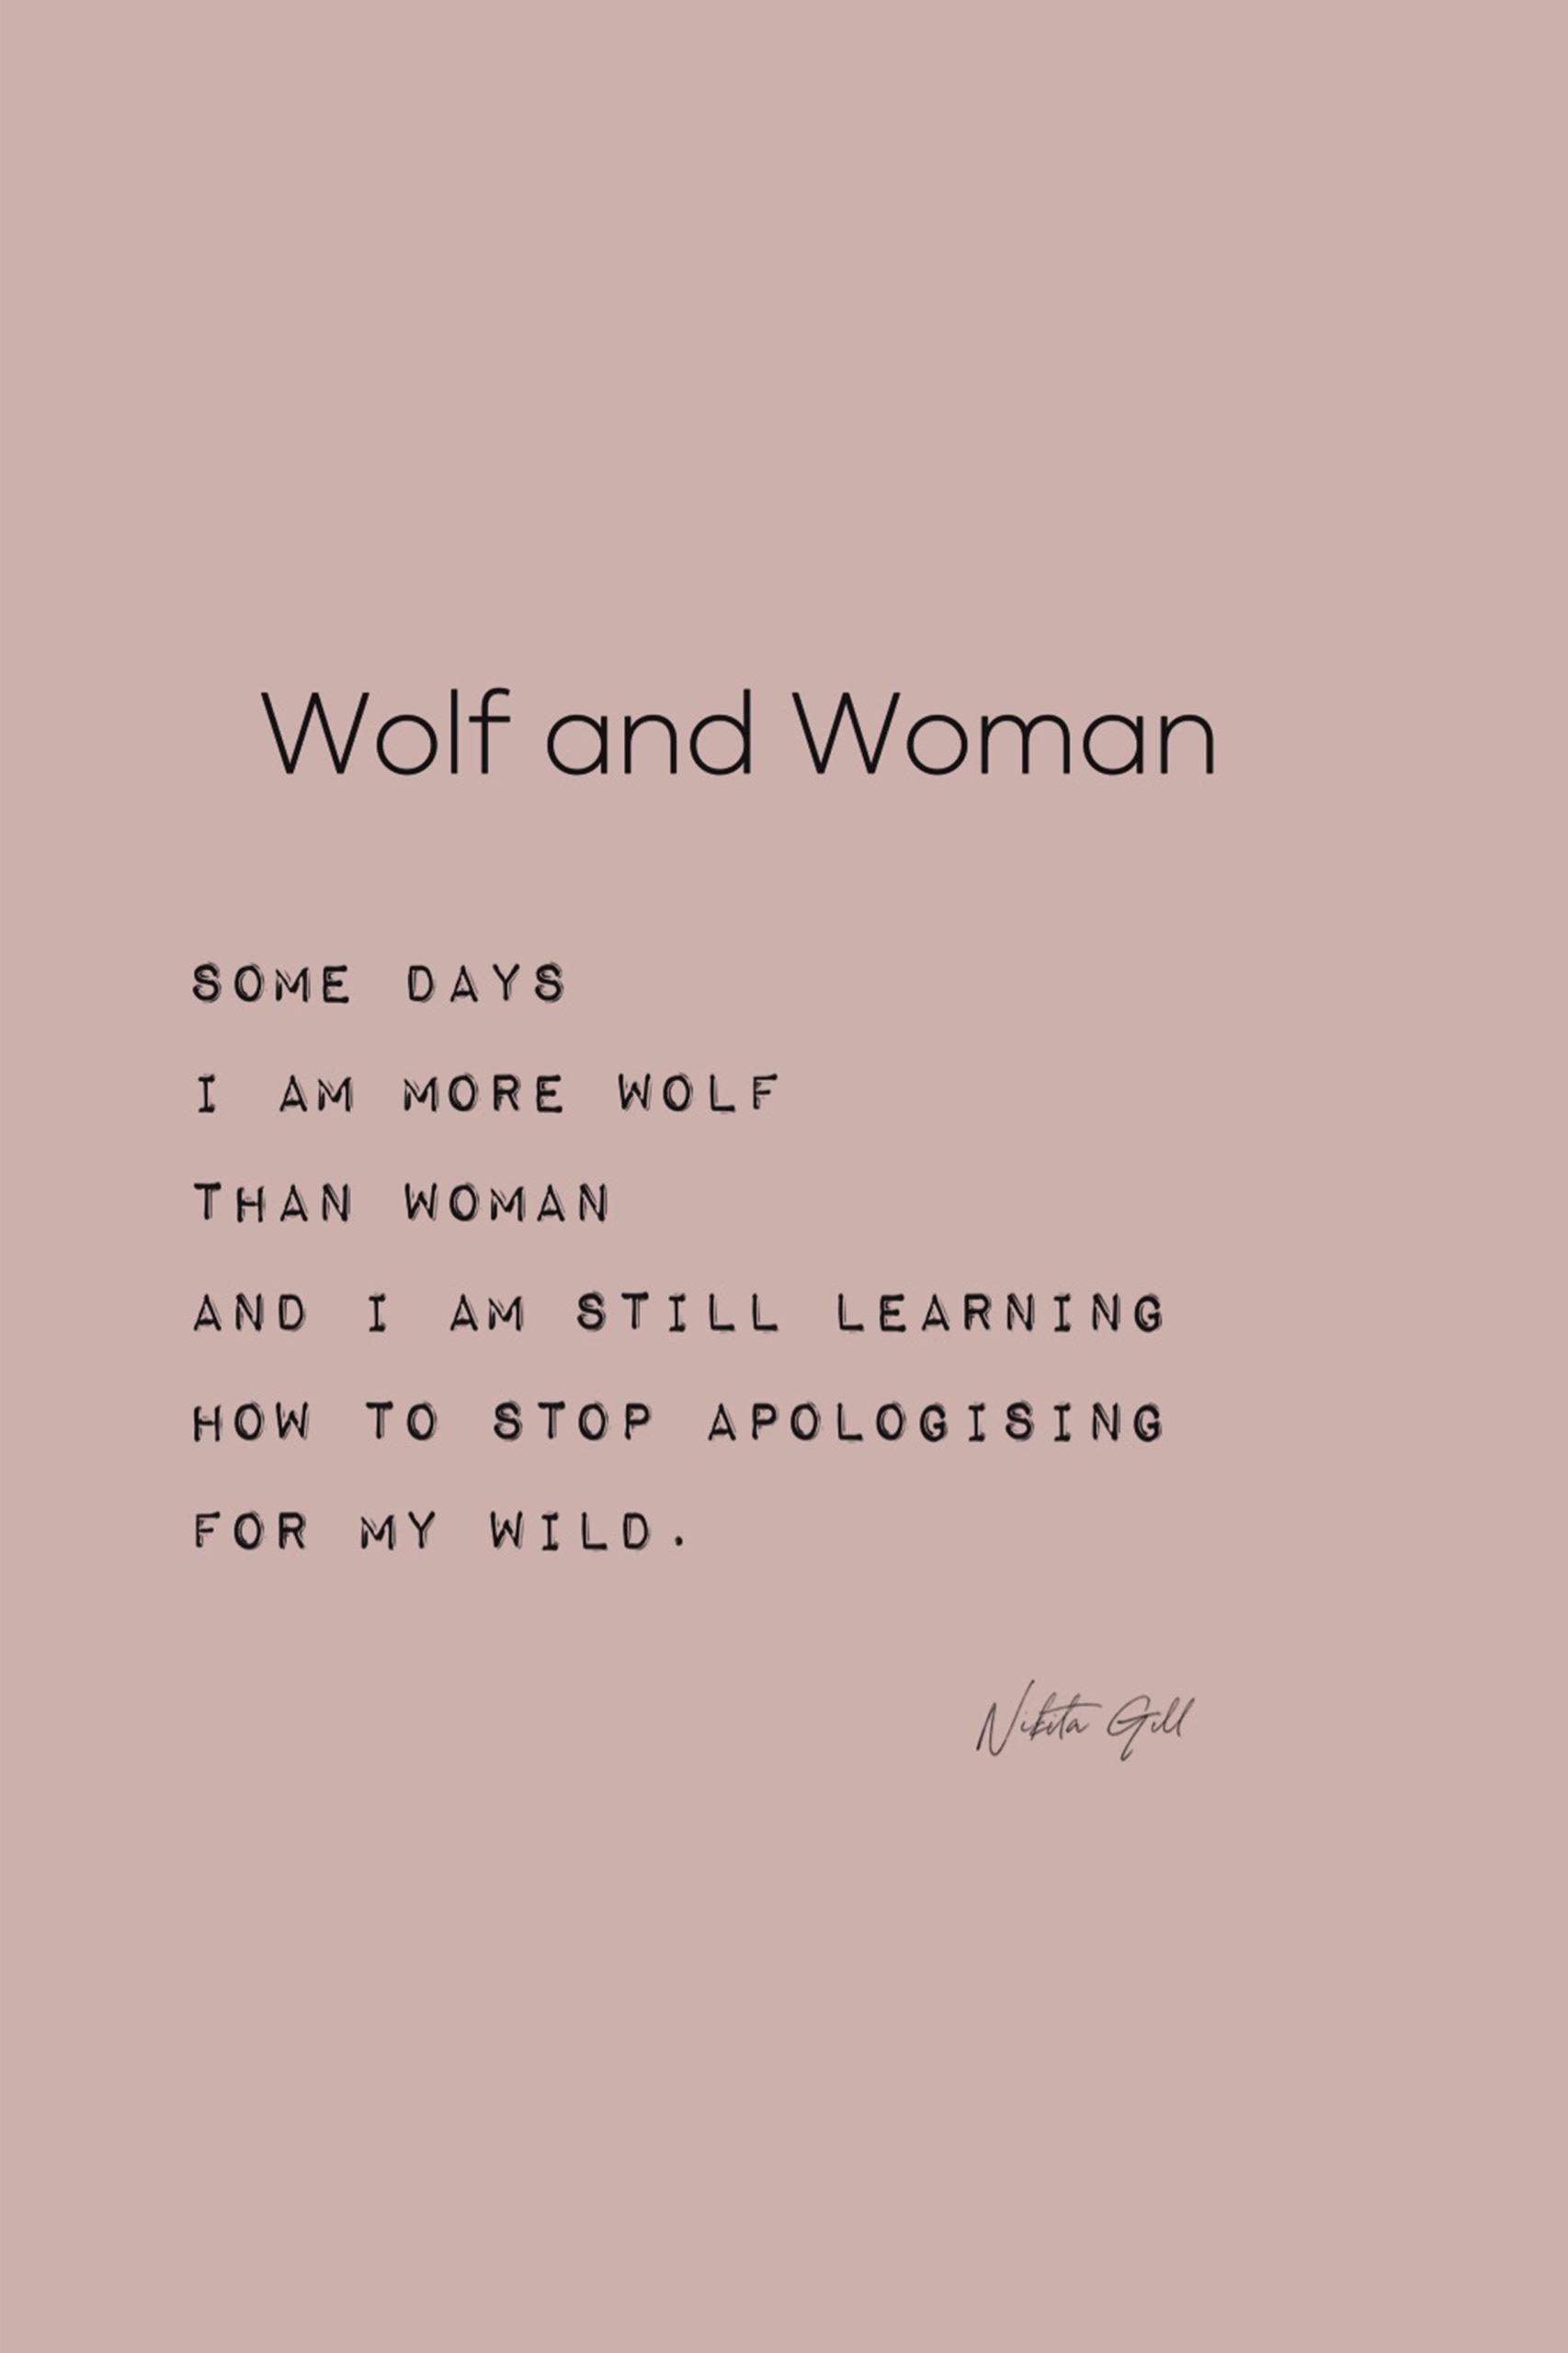 sei wild und laut als Frau und hör auf dich zu entschuldigen